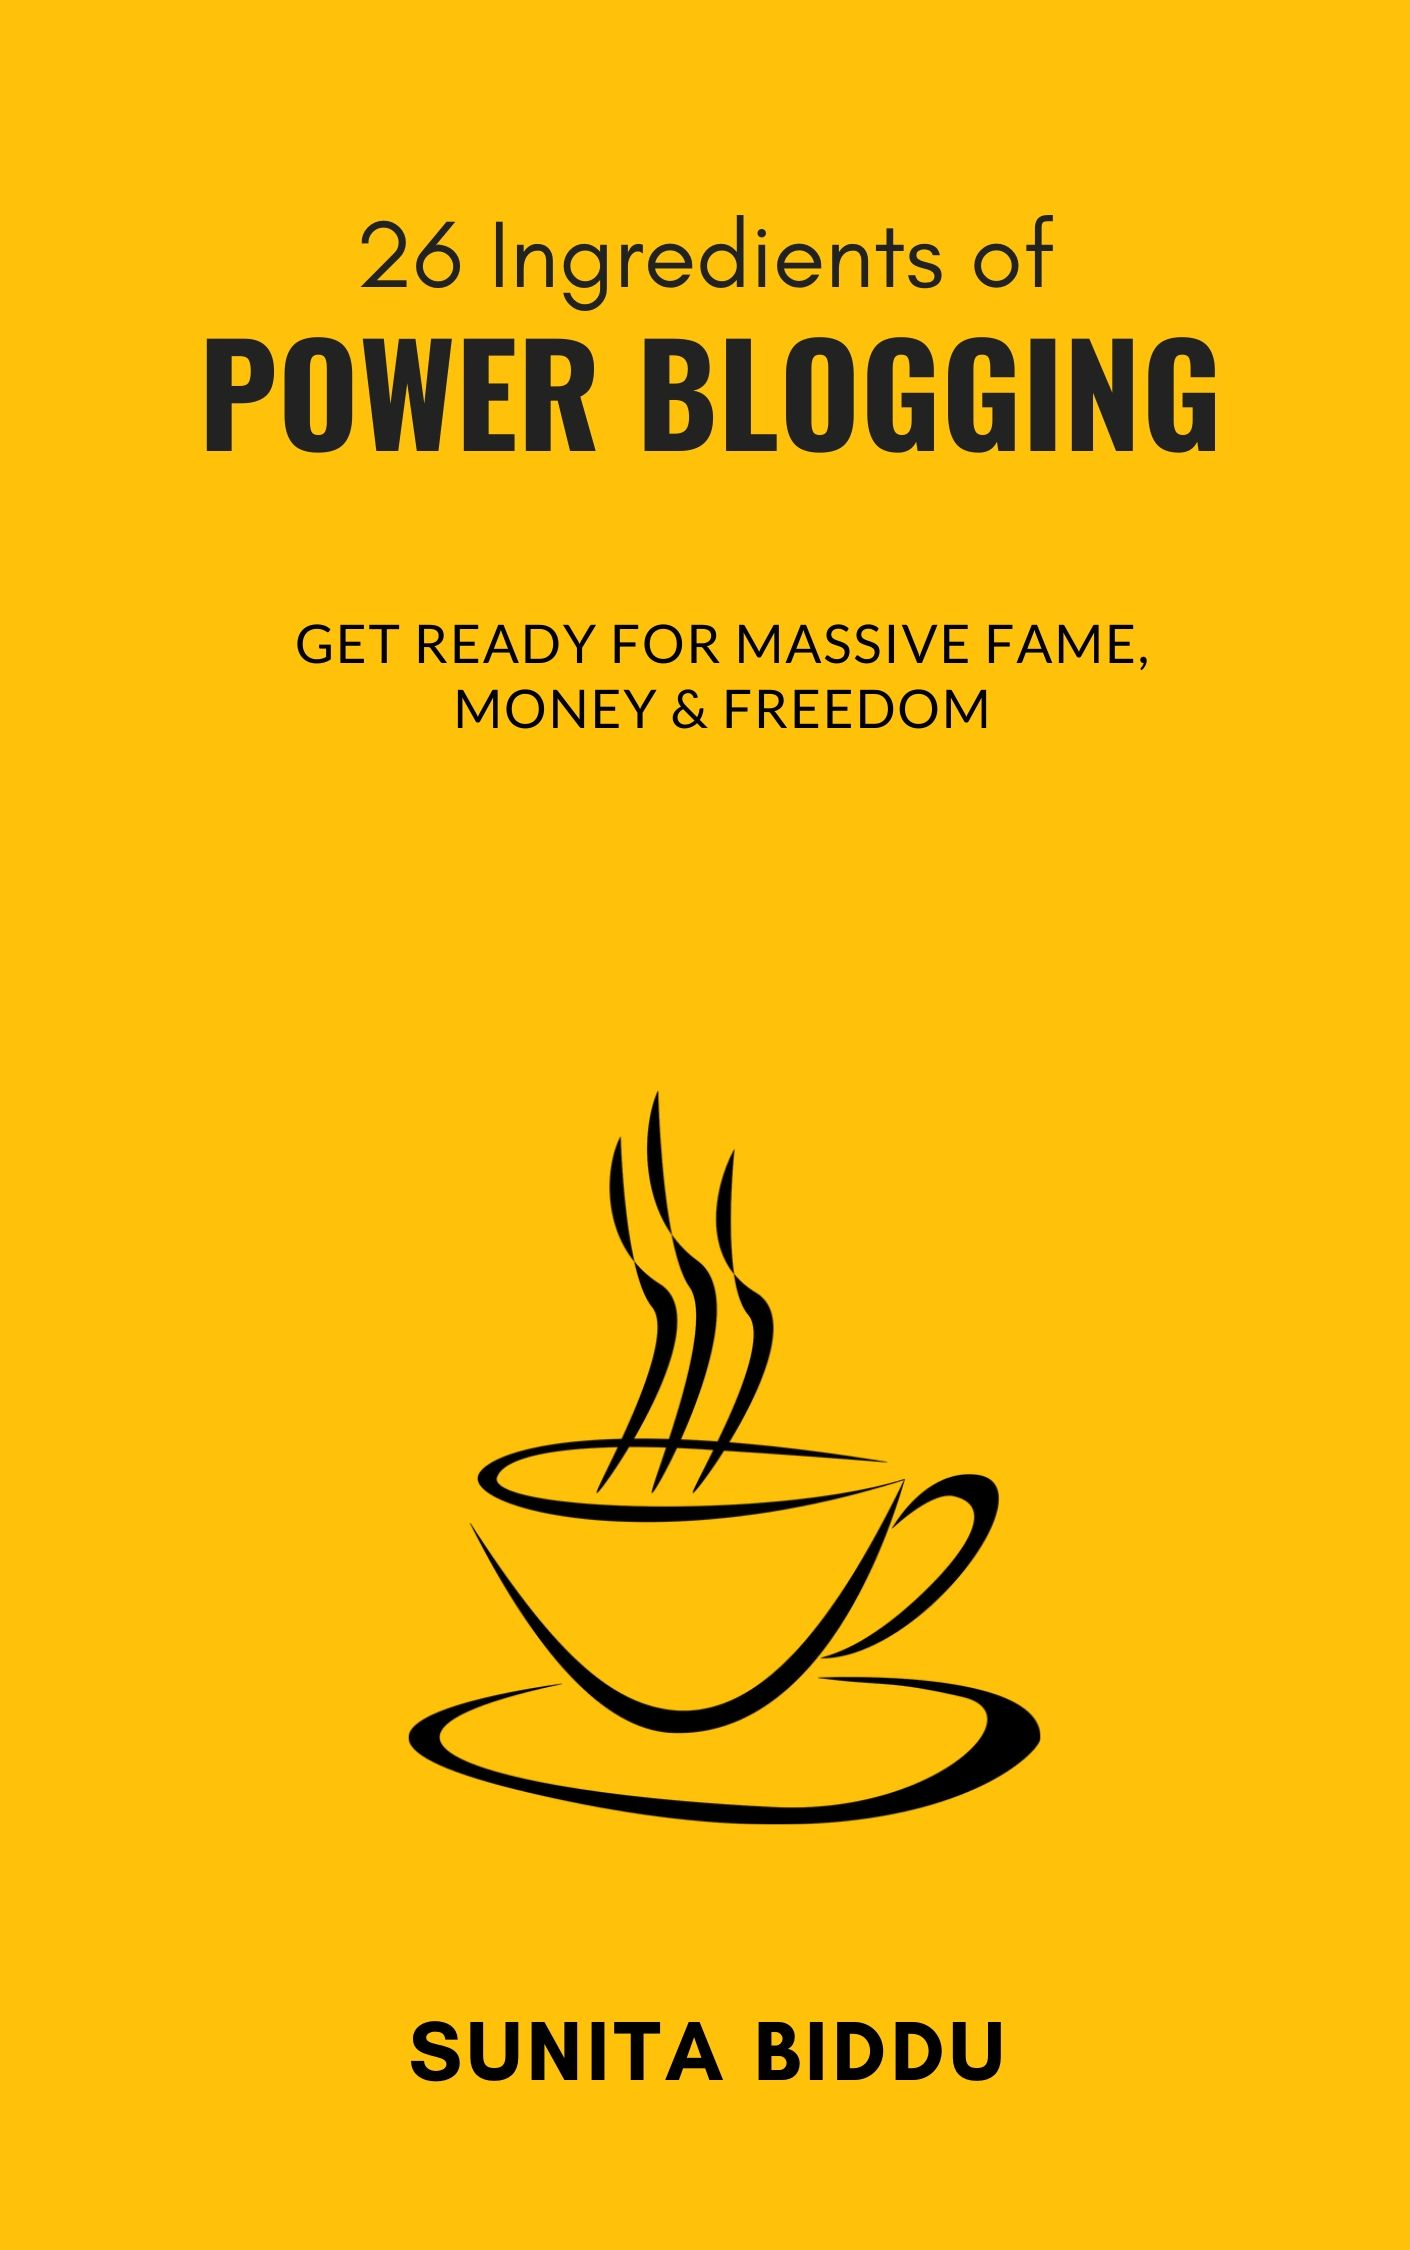 power blogging book by sunita biddu.jpg